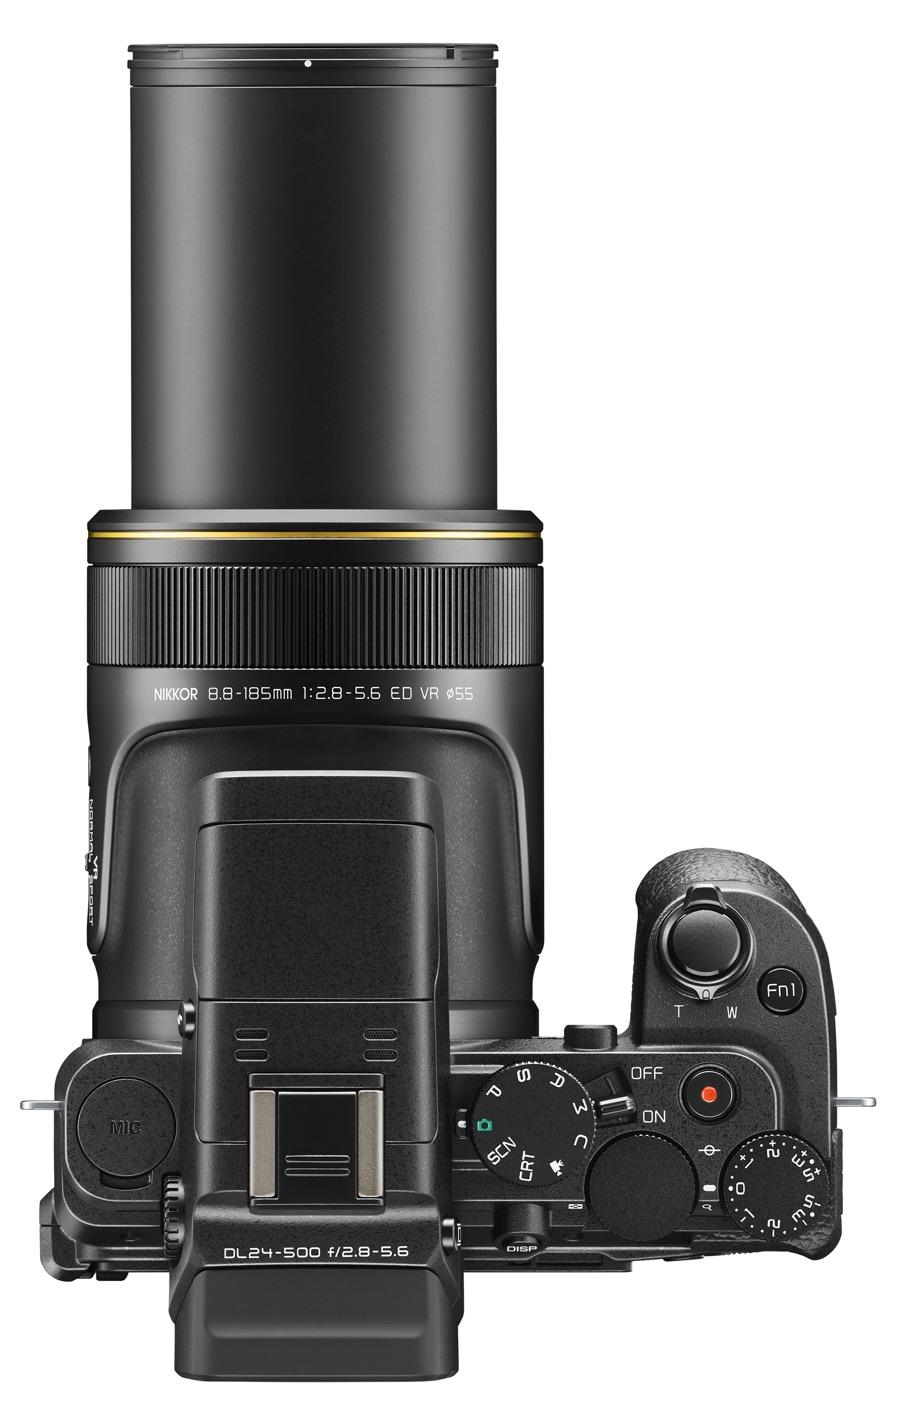 Nikon DL 24-500 Objetivo